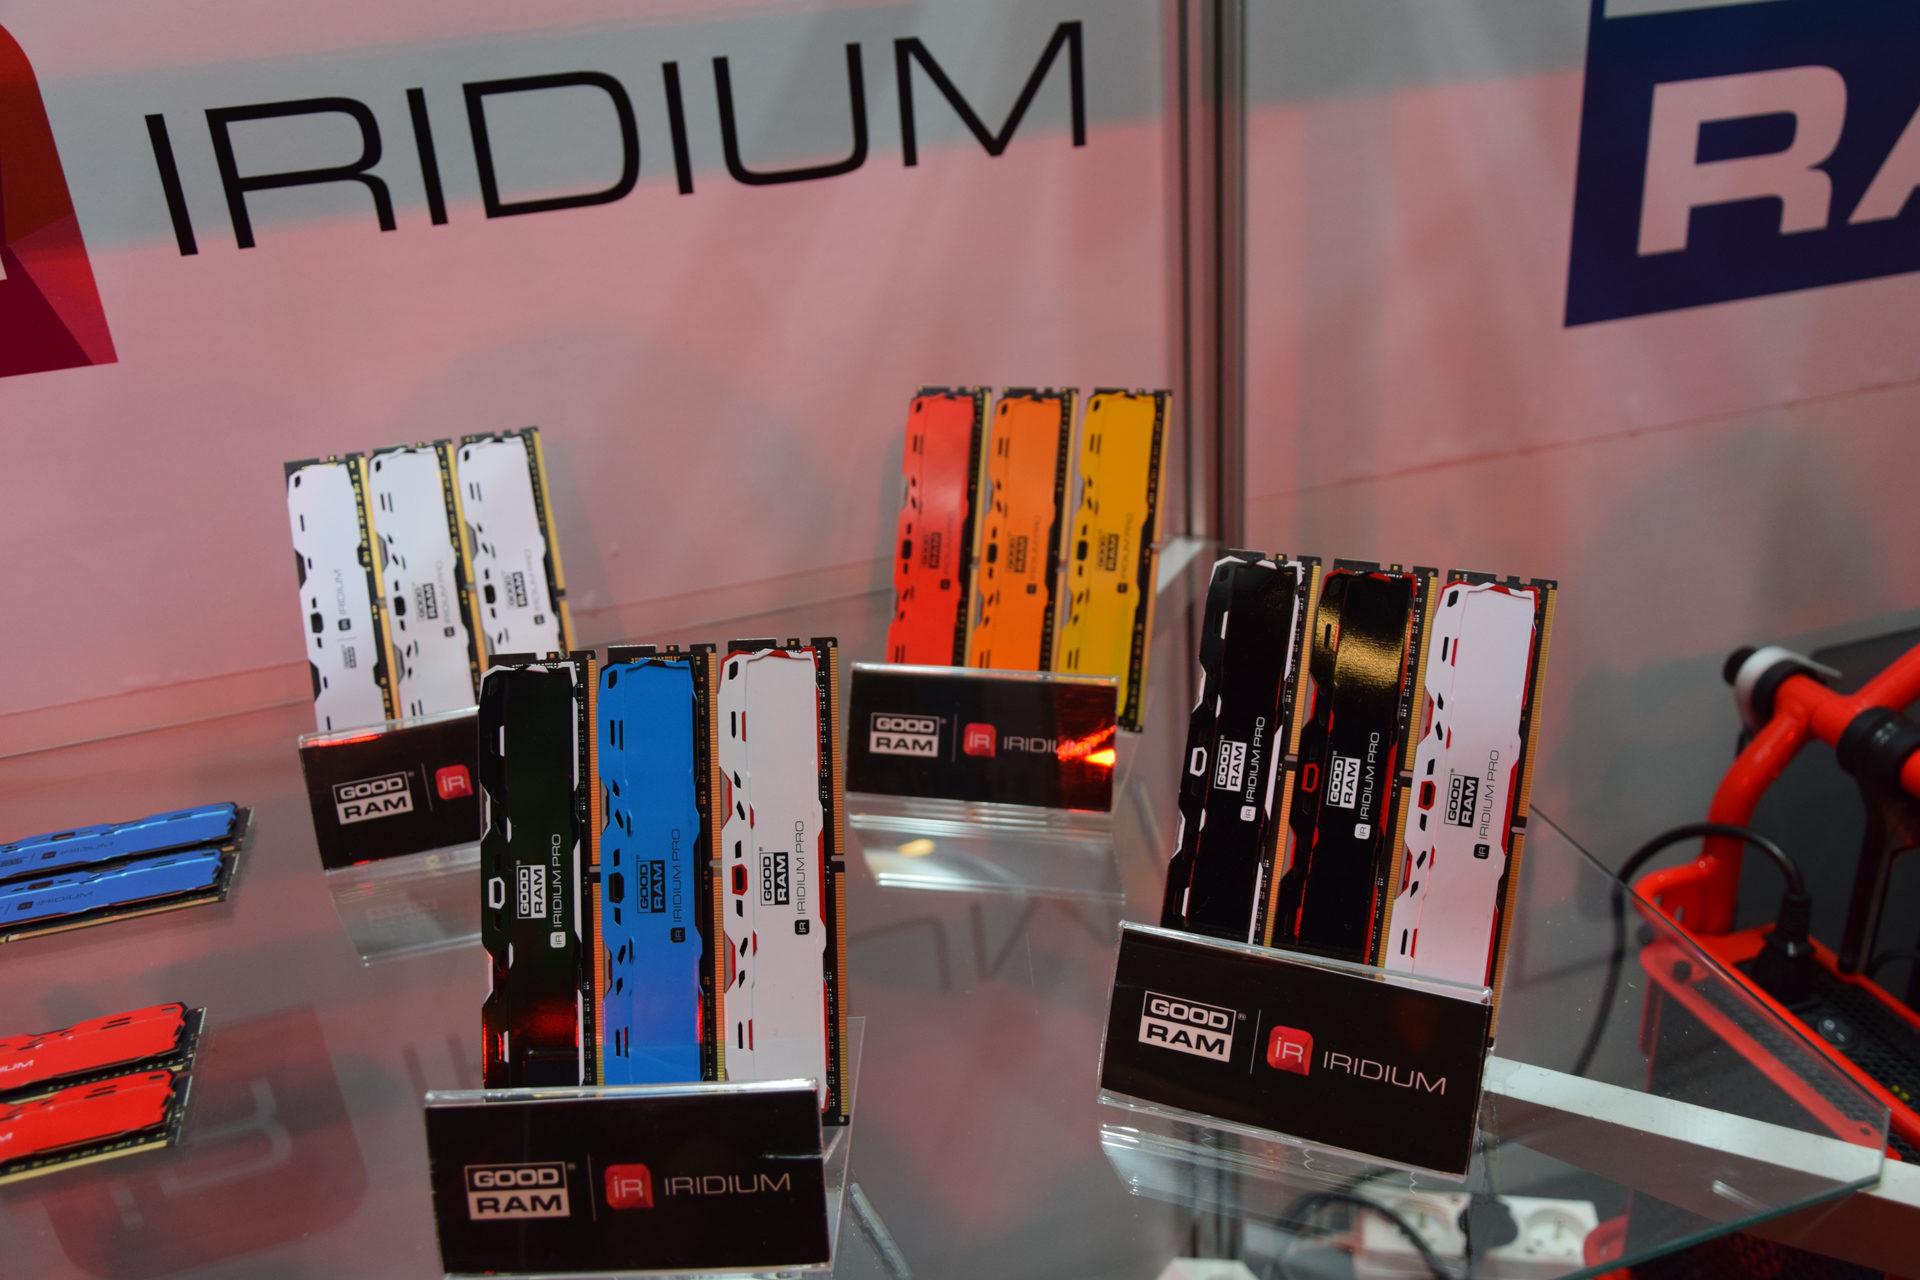 Goodram Iridium